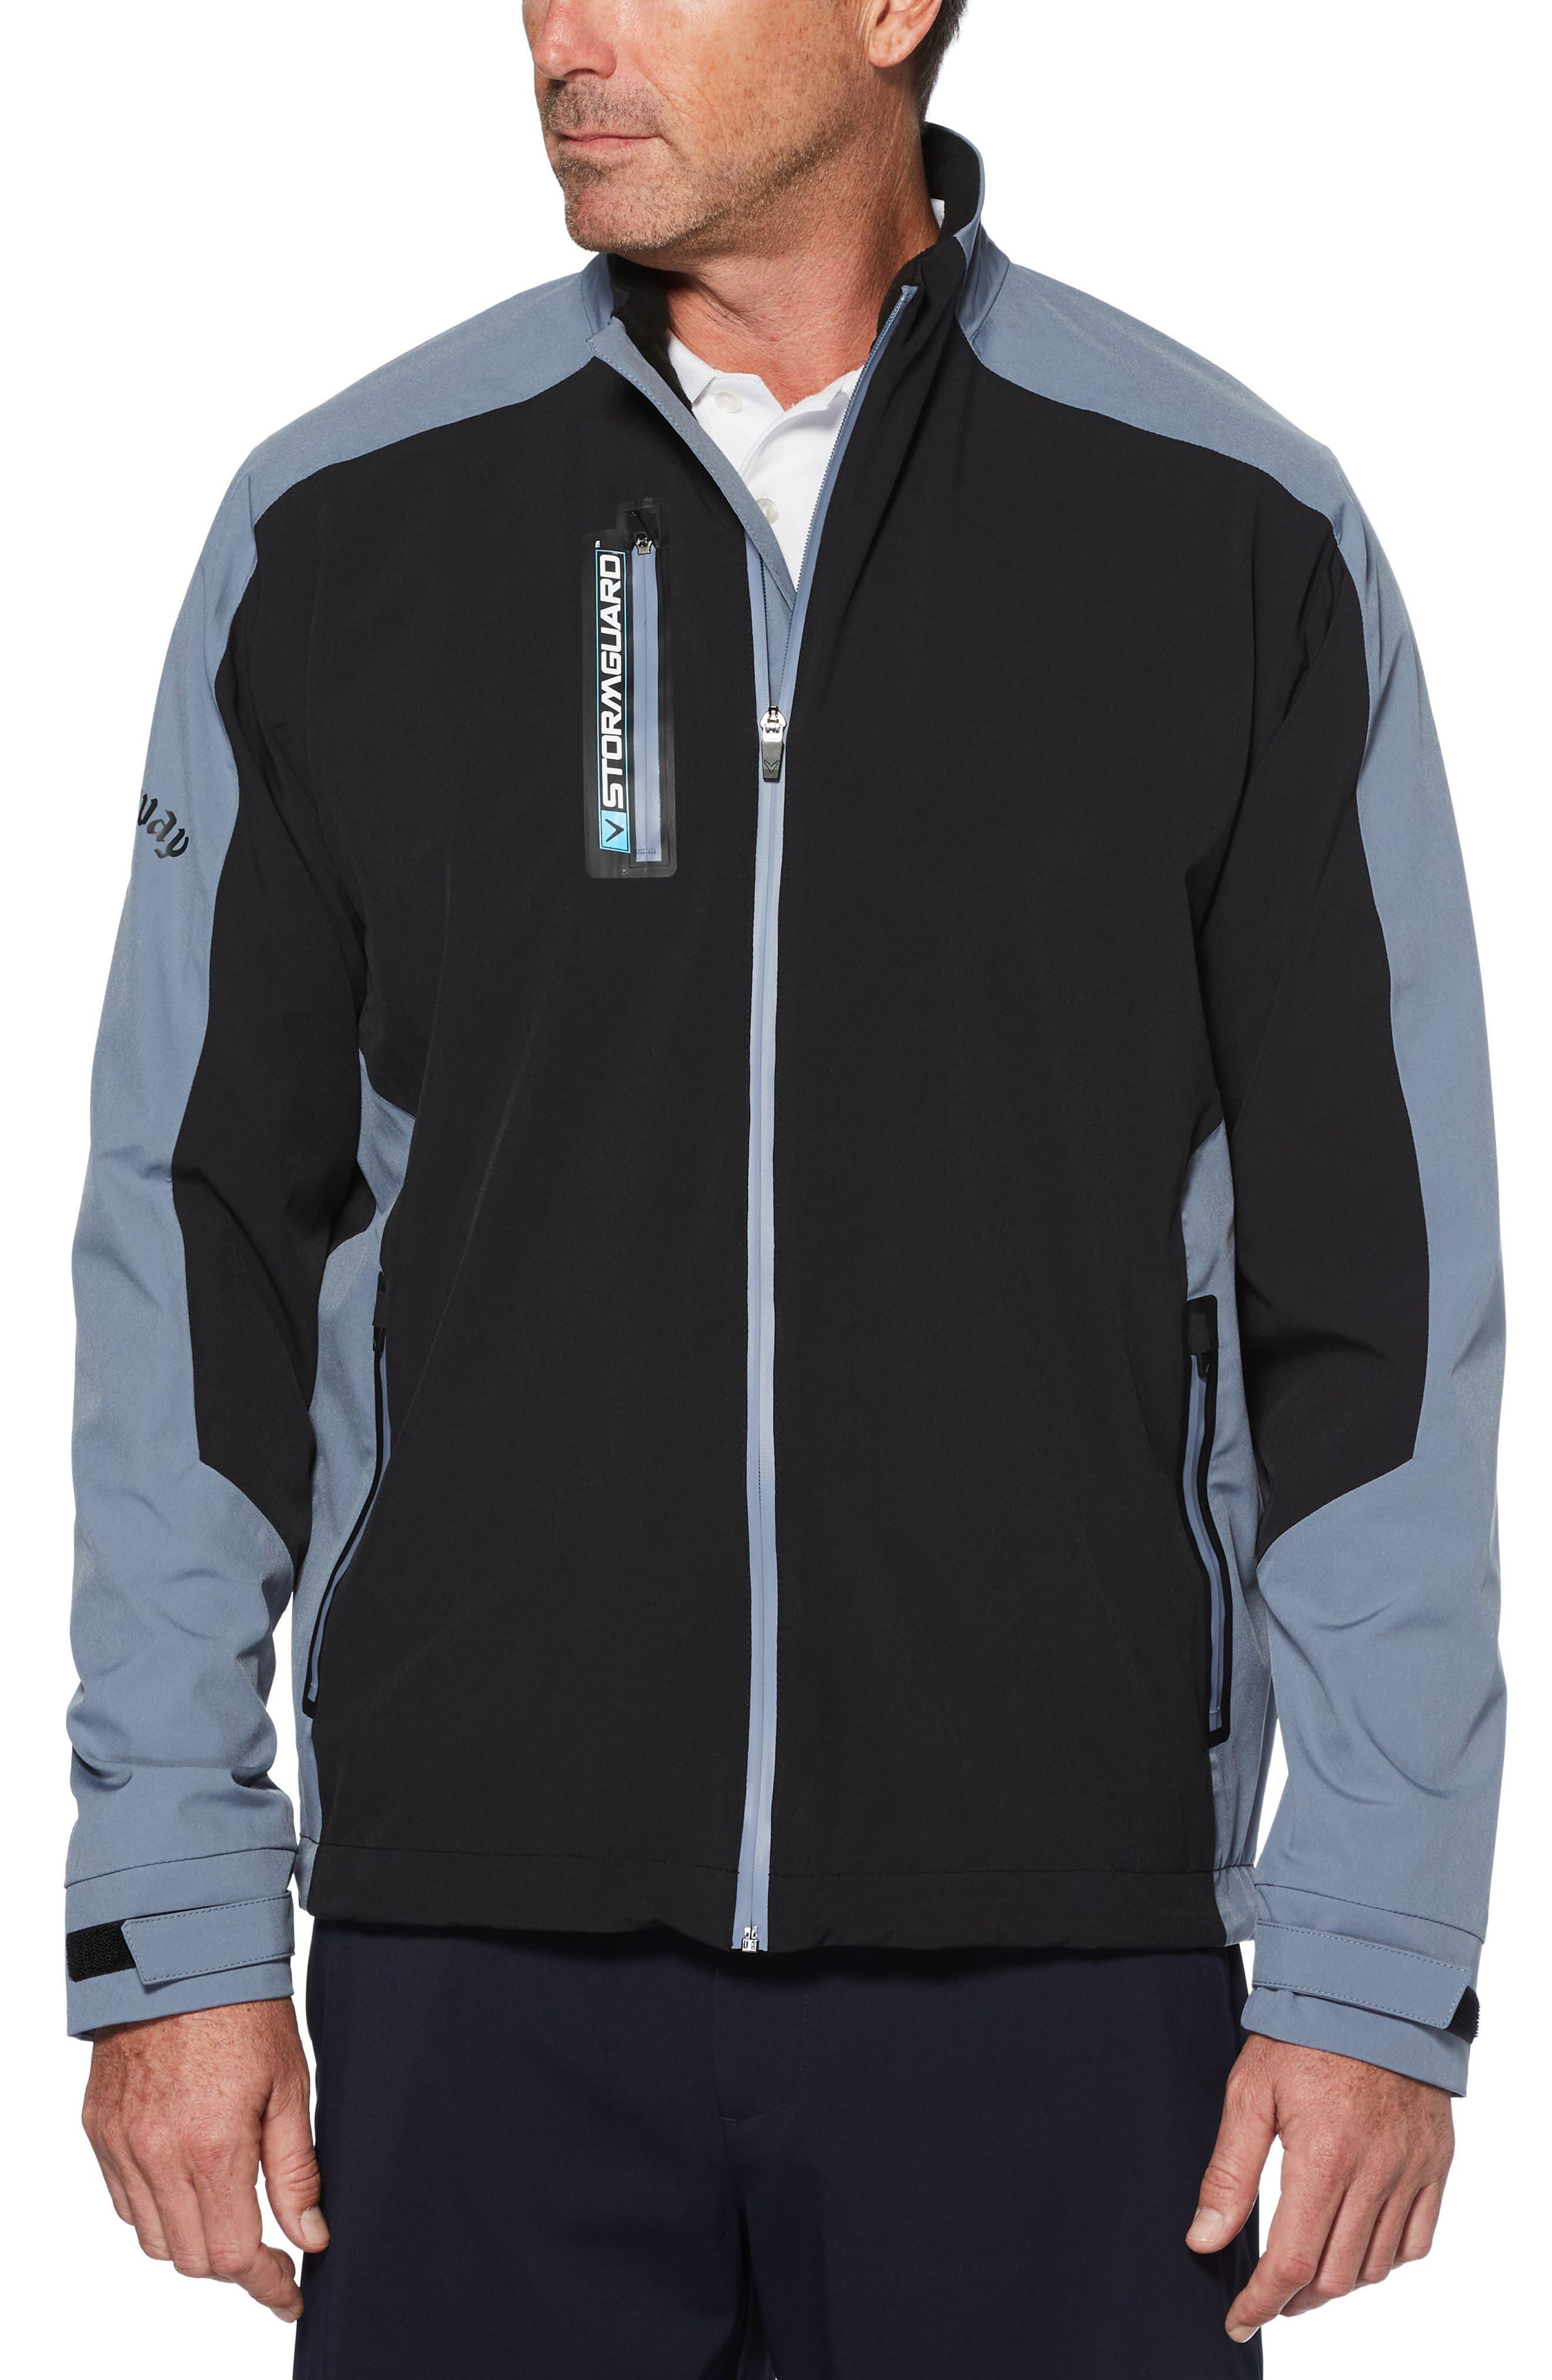 Men's Callaway Golf Stormguard Zip-Up Jacket